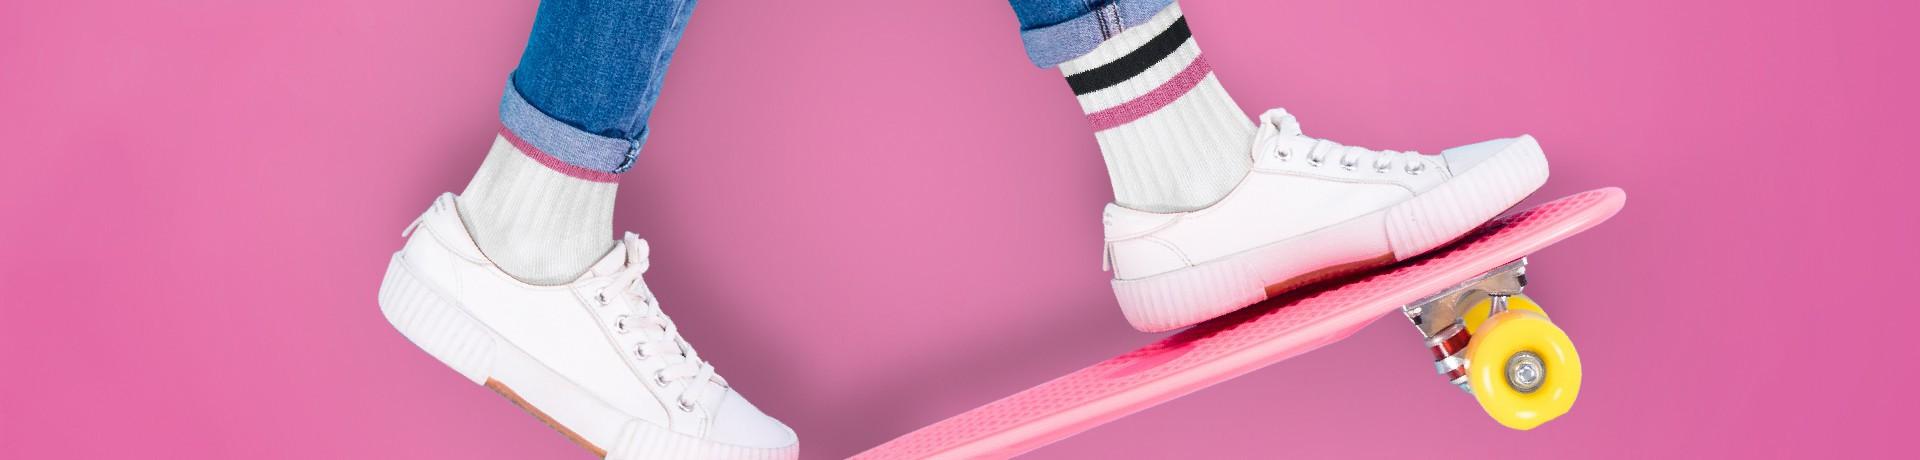 Chaussettes fille de sport